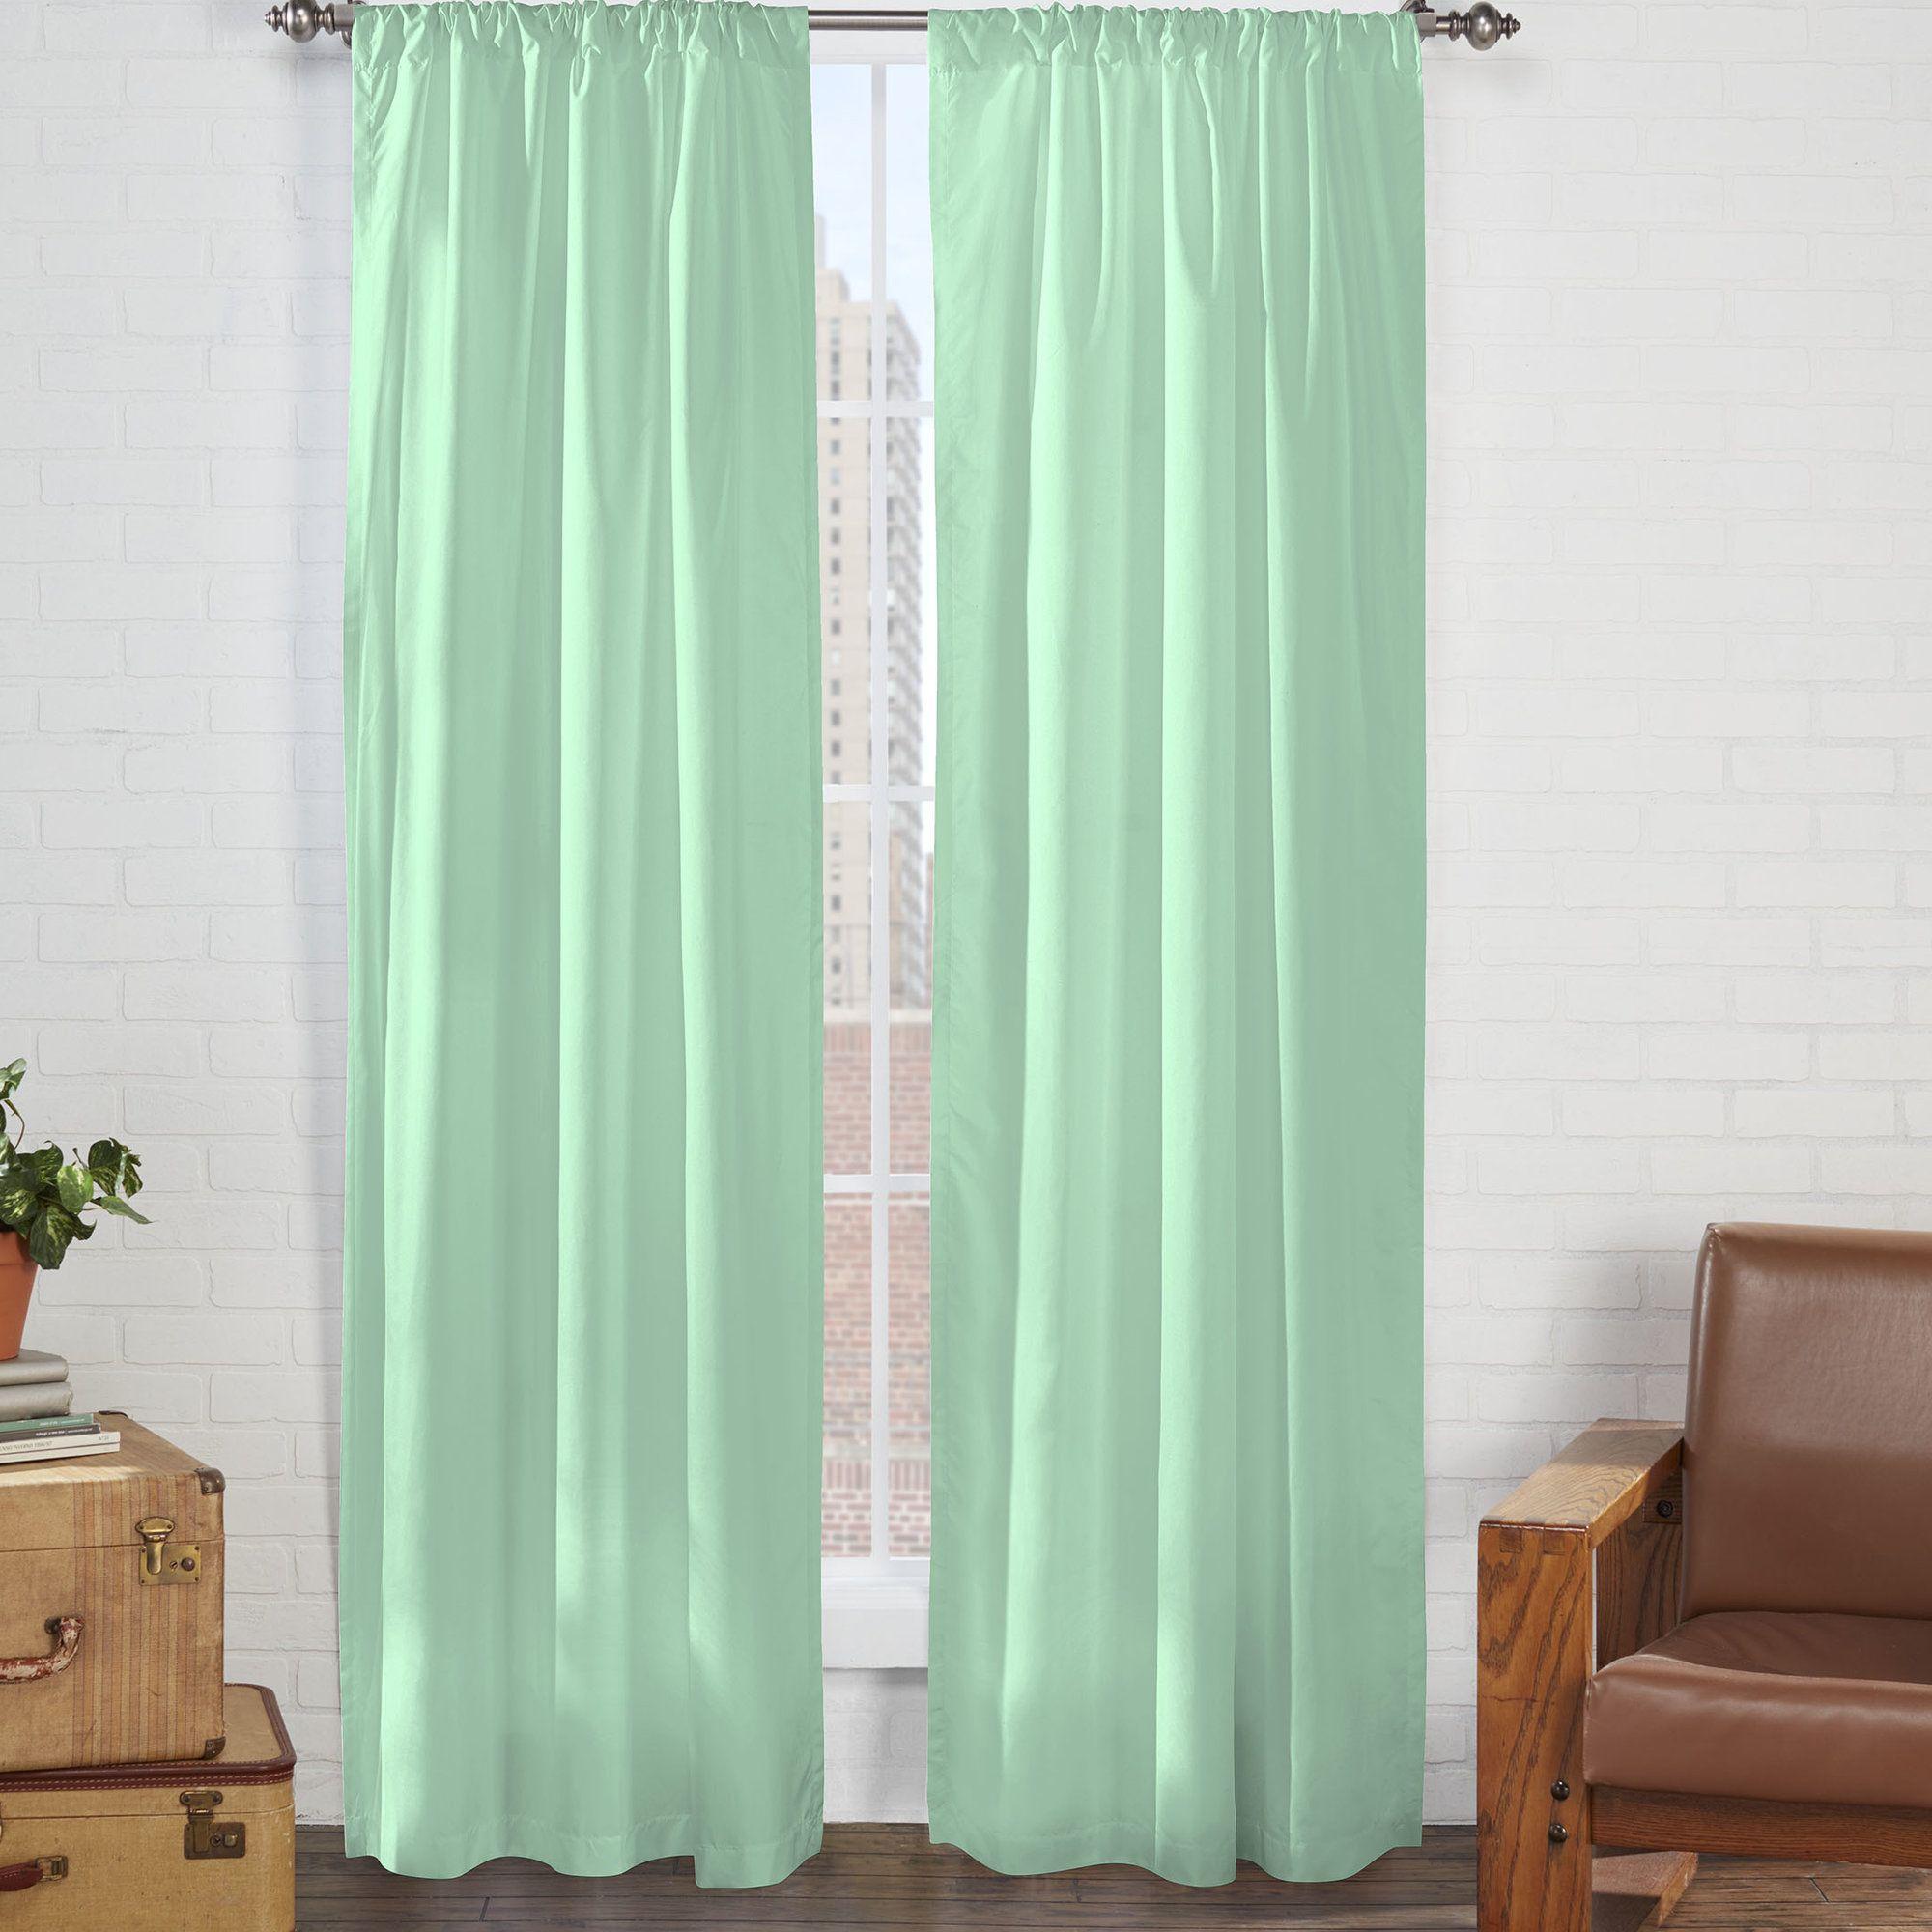 Tasmin microfiber solid semisheer rod pocket single curtain panel